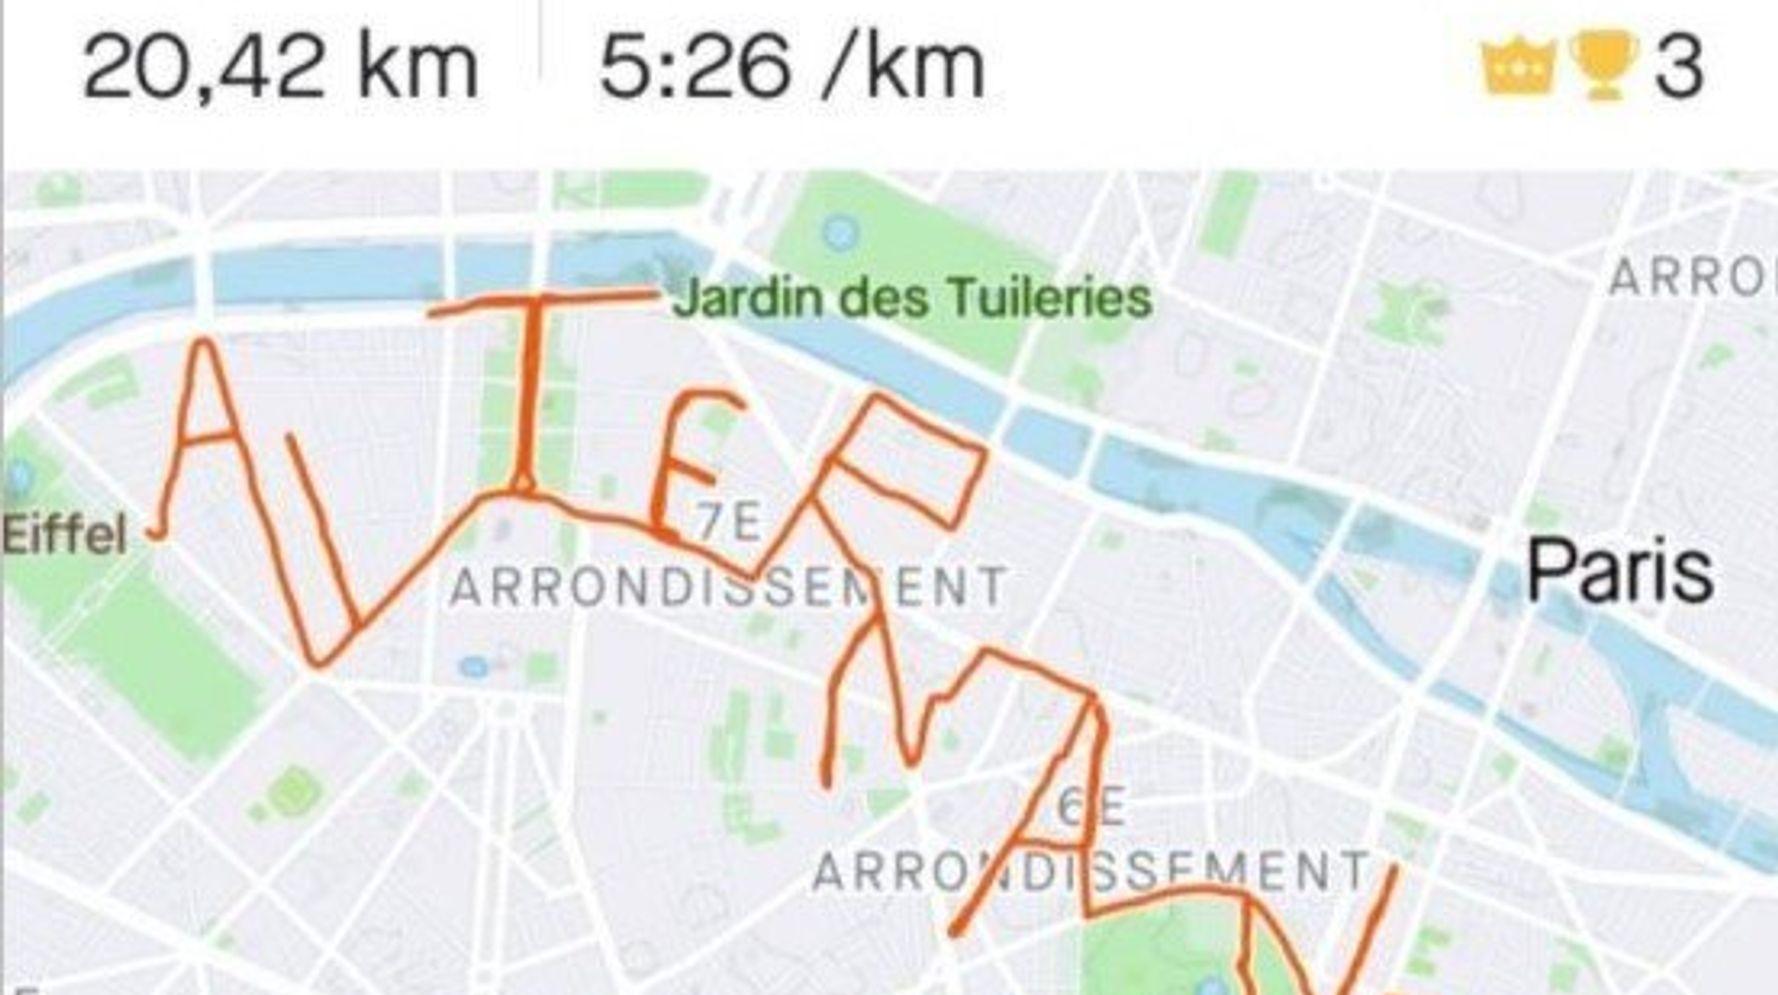 Pour trouver une alternance, elle court 20km dans les rues de Paris